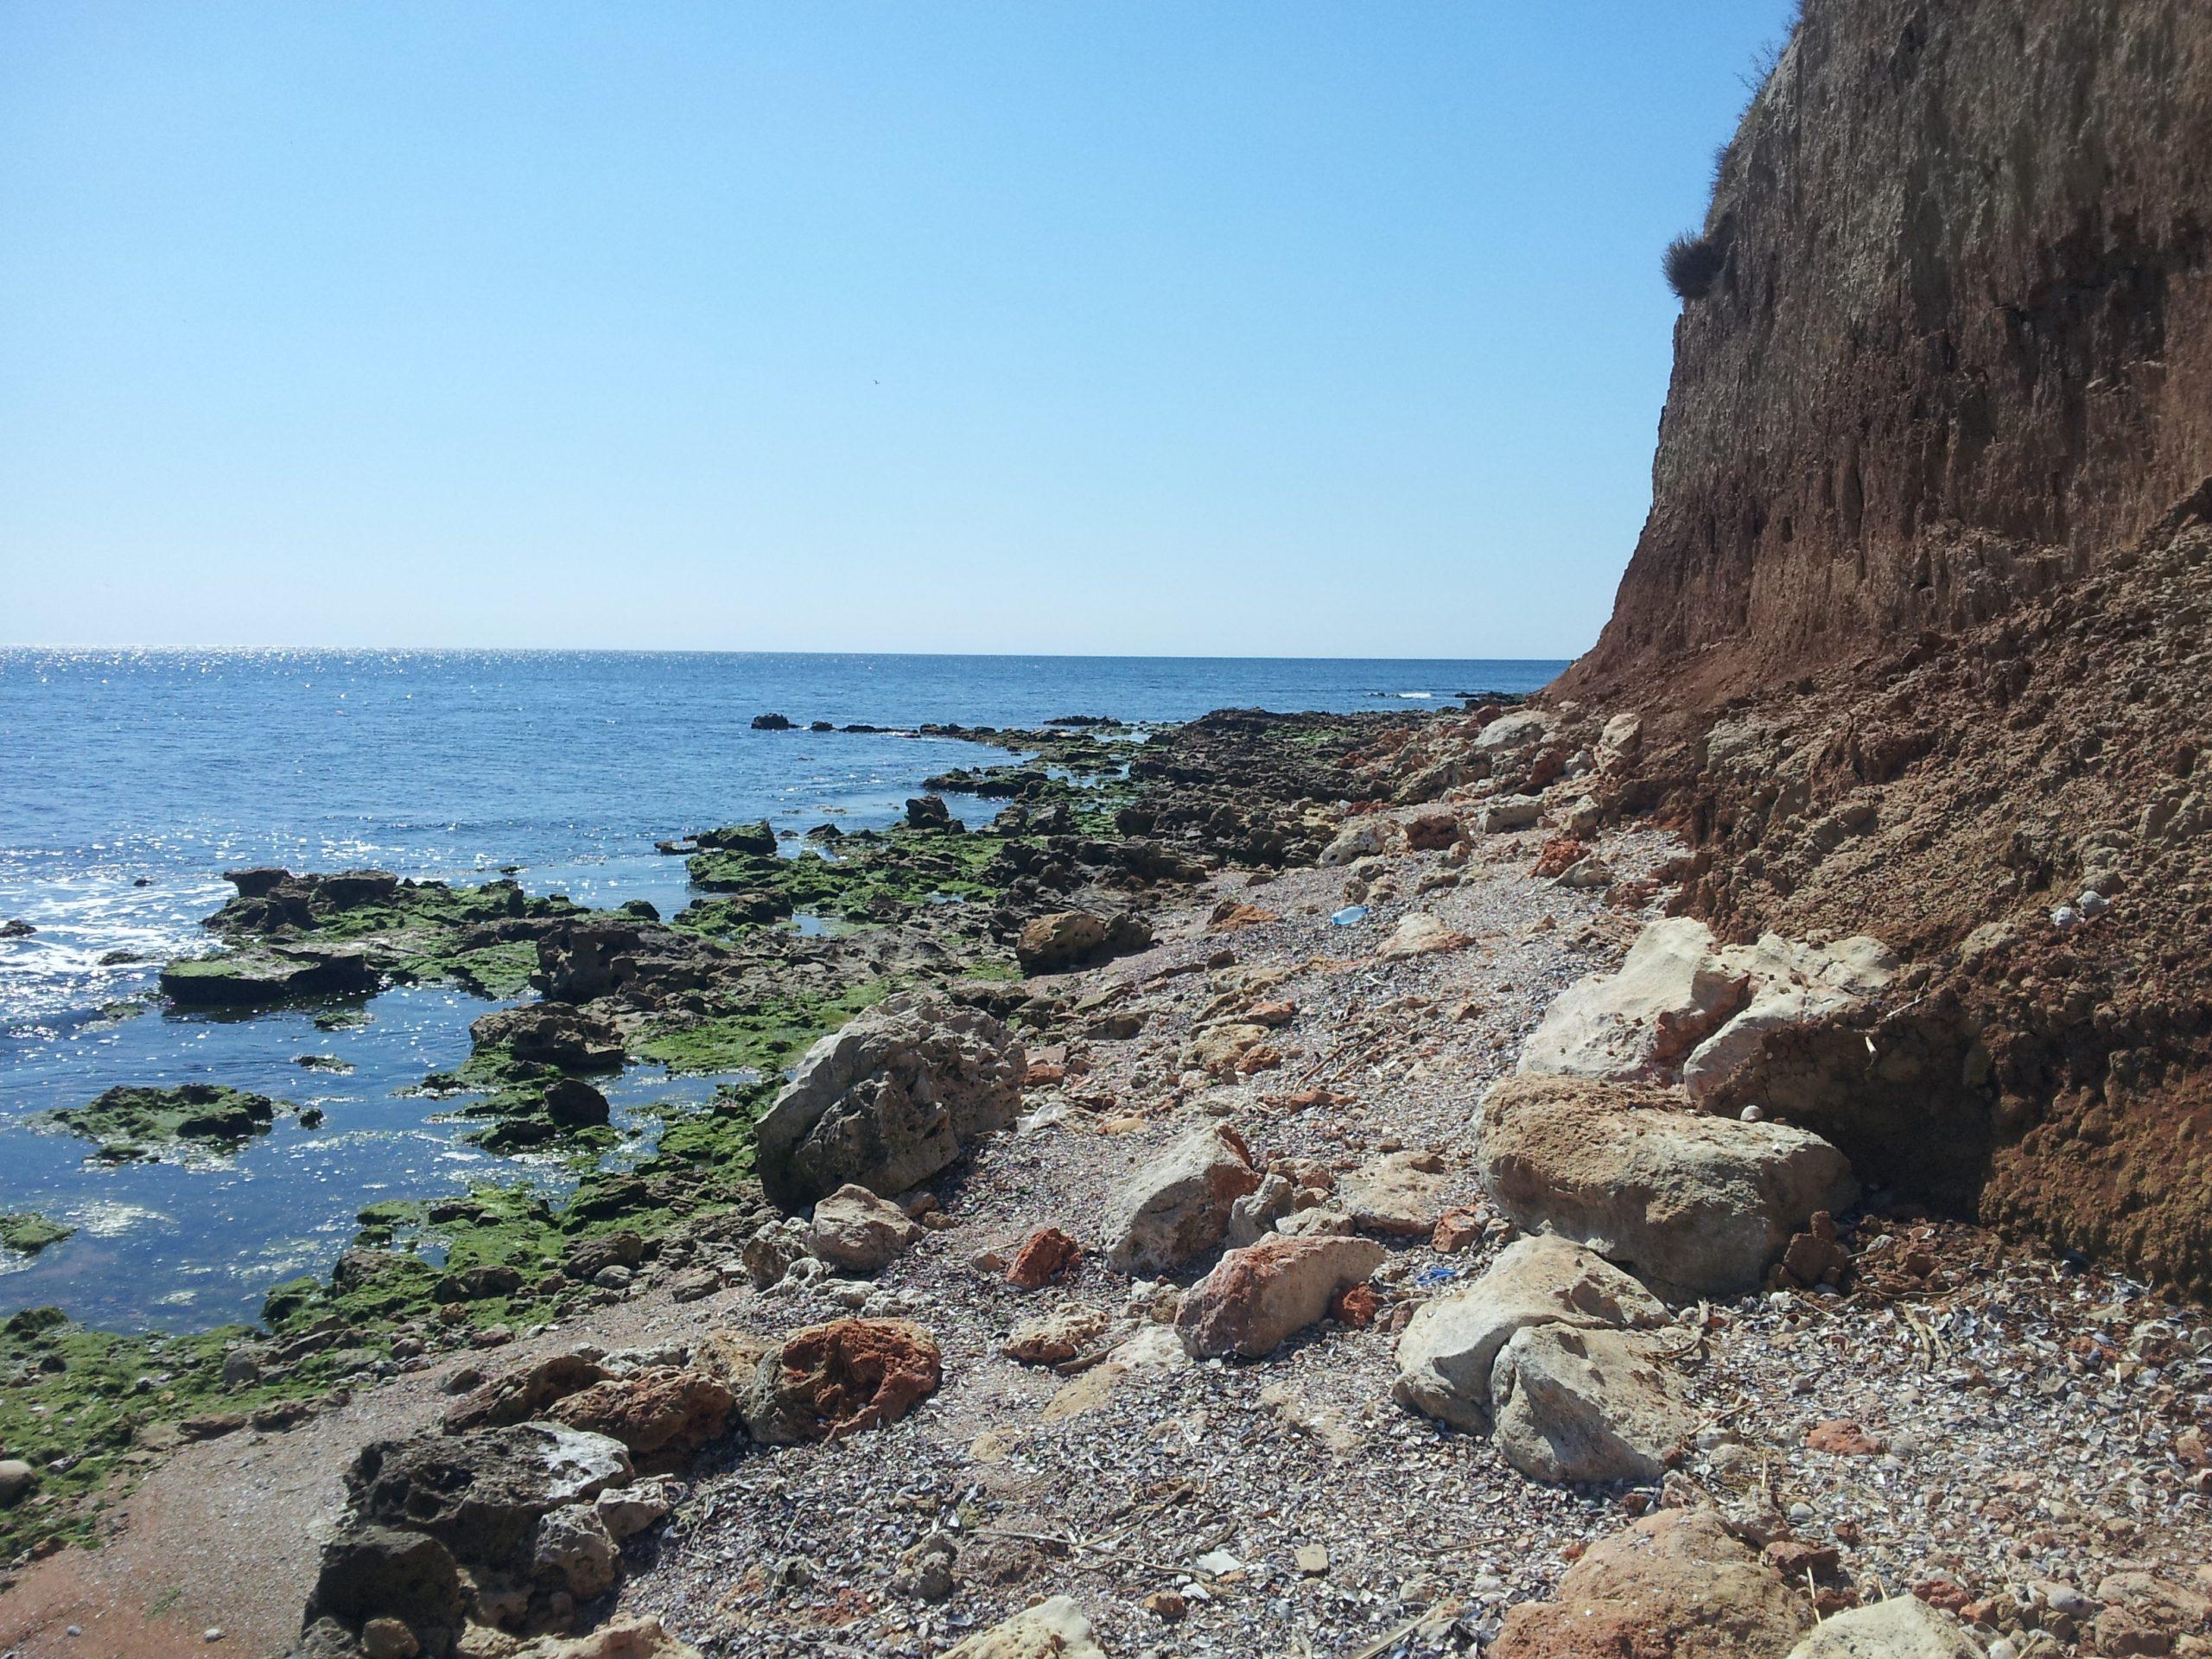 Țărmul românesc al Mării Negre este într-o continuă transformare